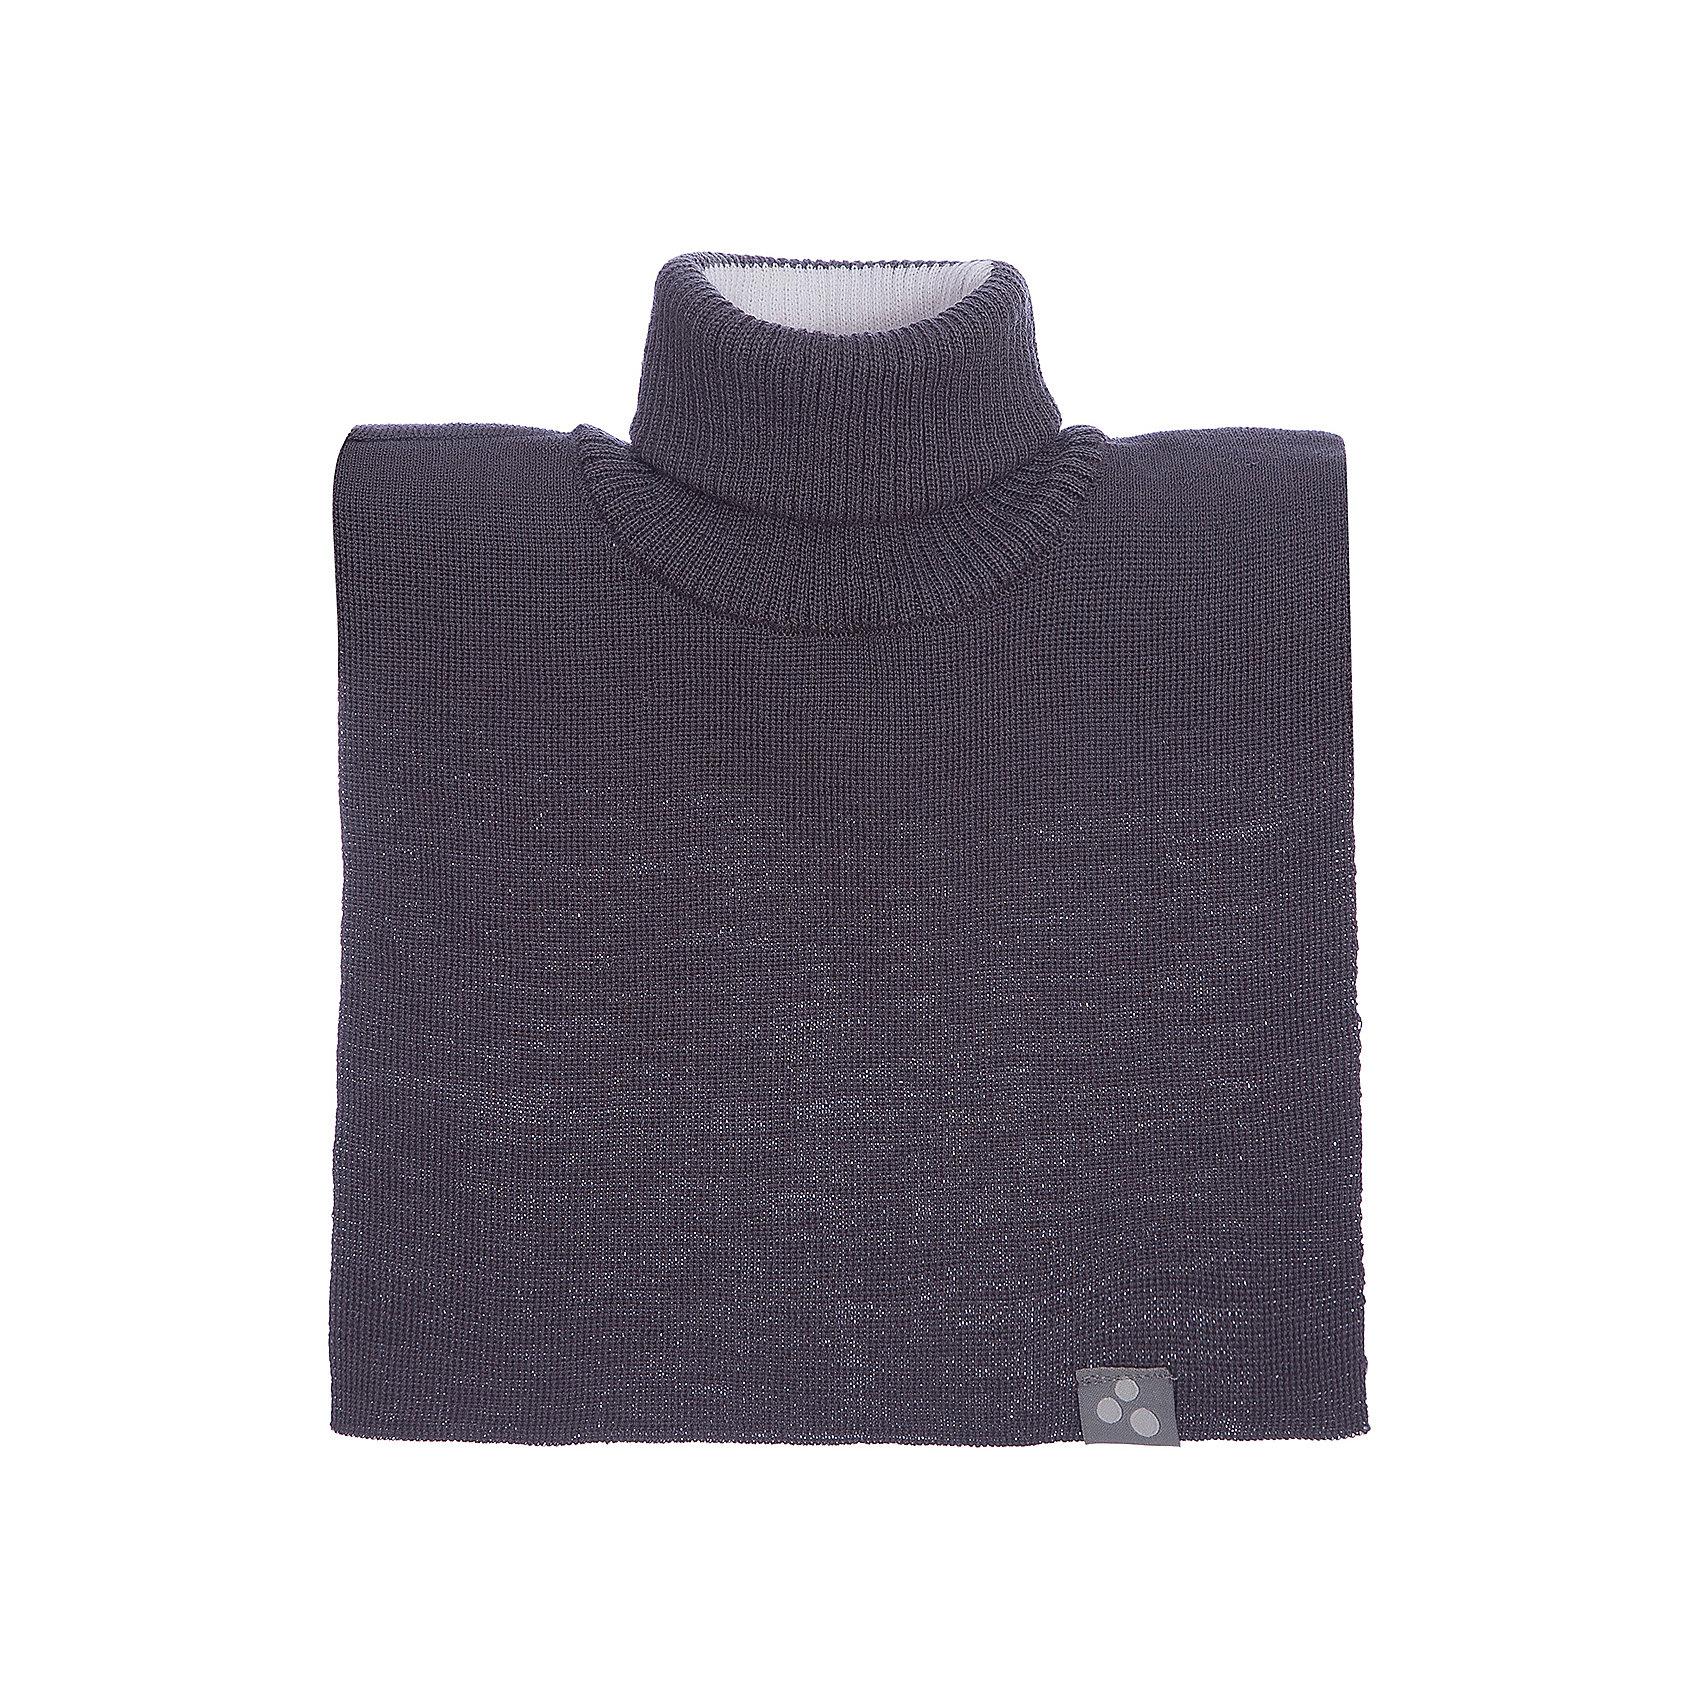 Манишка Huppa CoraВерхняя одежда<br>Характеристики товара:<br><br>• модель: Cora;<br>• цвет: серый;<br>• состав: 50% шерсть, 50% полиакрил;<br>• подкладка: 100% хлопок;<br>• сезон: зима;<br>• температурный режим: от +5 до - 30С;<br>• особенности: вязаная, шерстяная;<br>• страна бренда: Финляндия;<br>• страна изготовитель: Эстония.<br><br>Детская манишка Cora. Теплая вязаная манишка на хлопковой подкладке, защитит шейку вашего малыша в холодную погоду. <br><br>Манишку Huppa Cora (Хуппа) можно купить в нашем интернет-магазине.<br><br>Ширина мм: 88<br>Глубина мм: 155<br>Высота мм: 26<br>Вес г: 106<br>Цвет: серый<br>Возраст от месяцев: 12<br>Возраст до месяцев: 24<br>Пол: Унисекс<br>Возраст: Детский<br>Размер: 47-49,55-57<br>SKU: 7027745